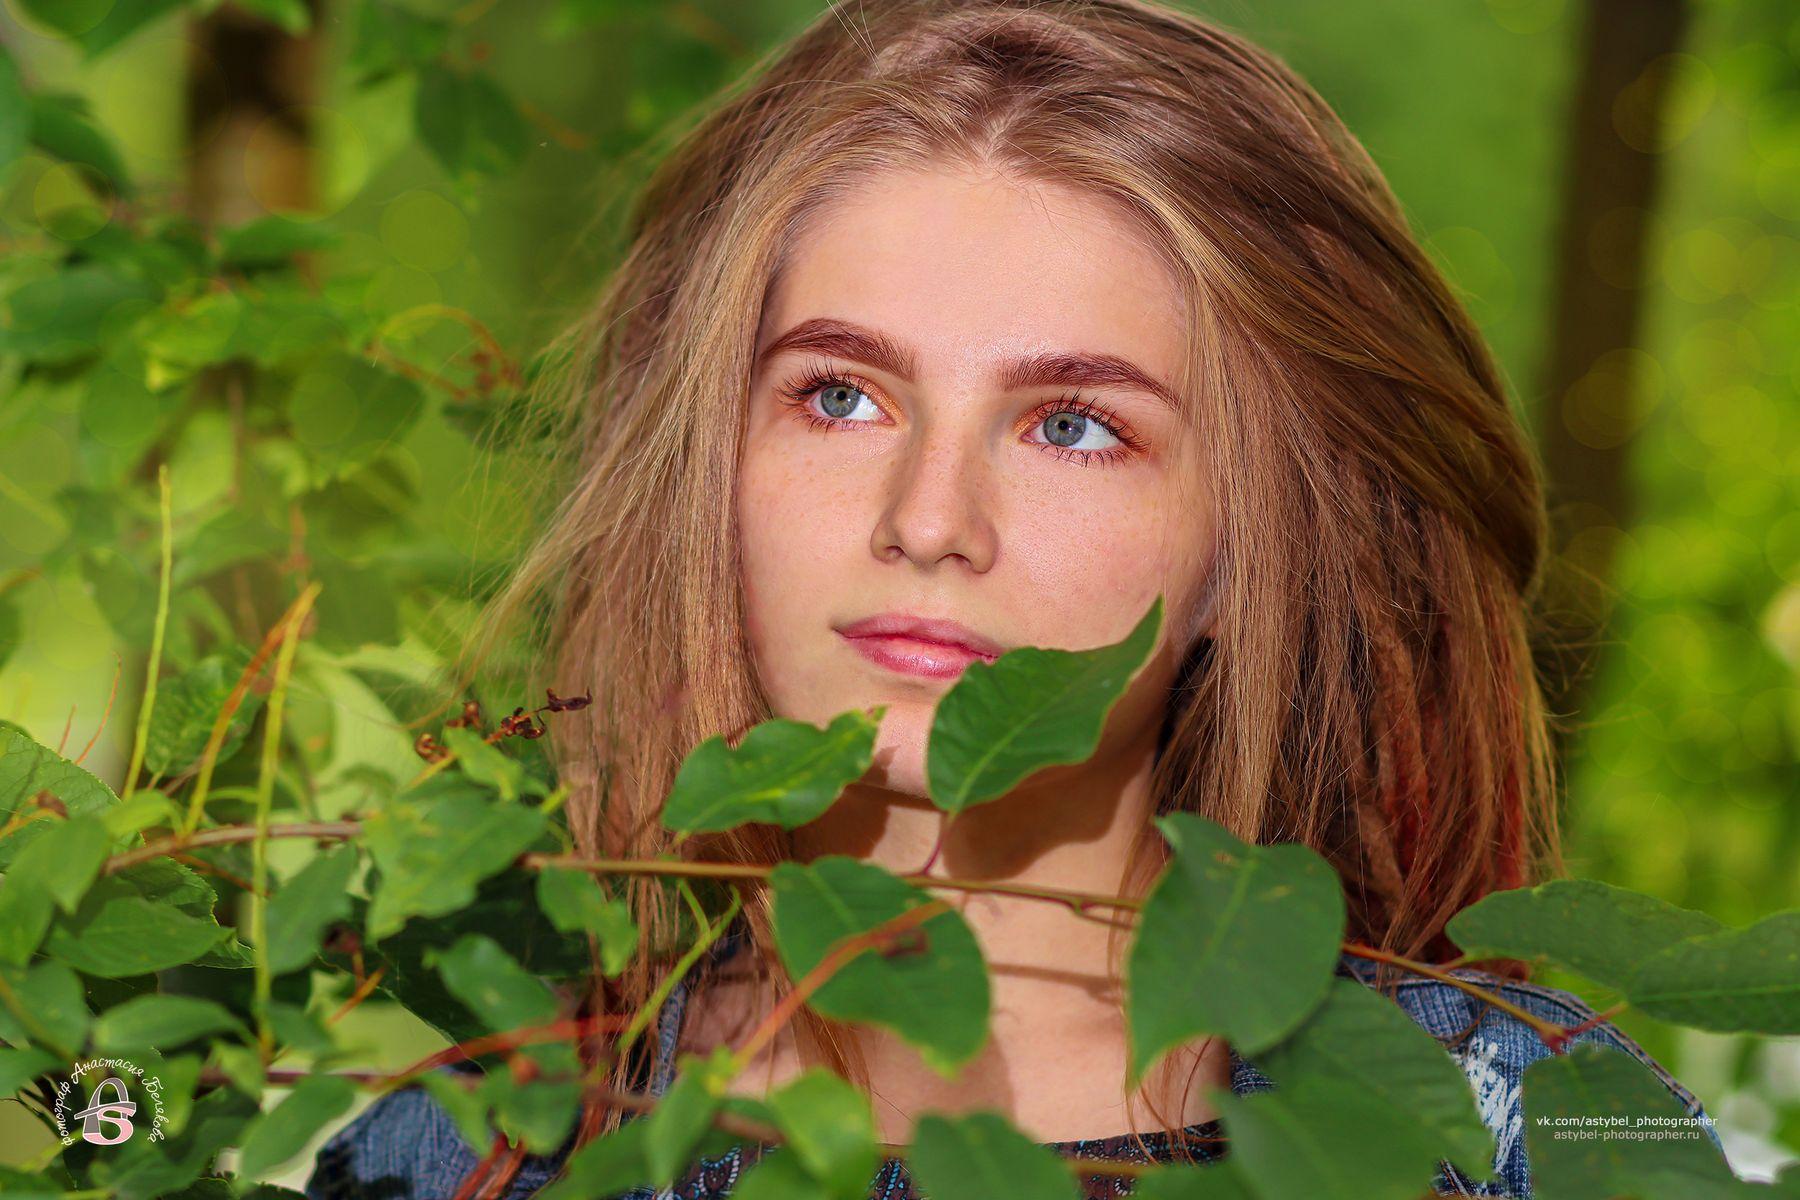 Портрет девушки в листве девушка дреды красотка зелень лето парк портрет листва куст красавица модель